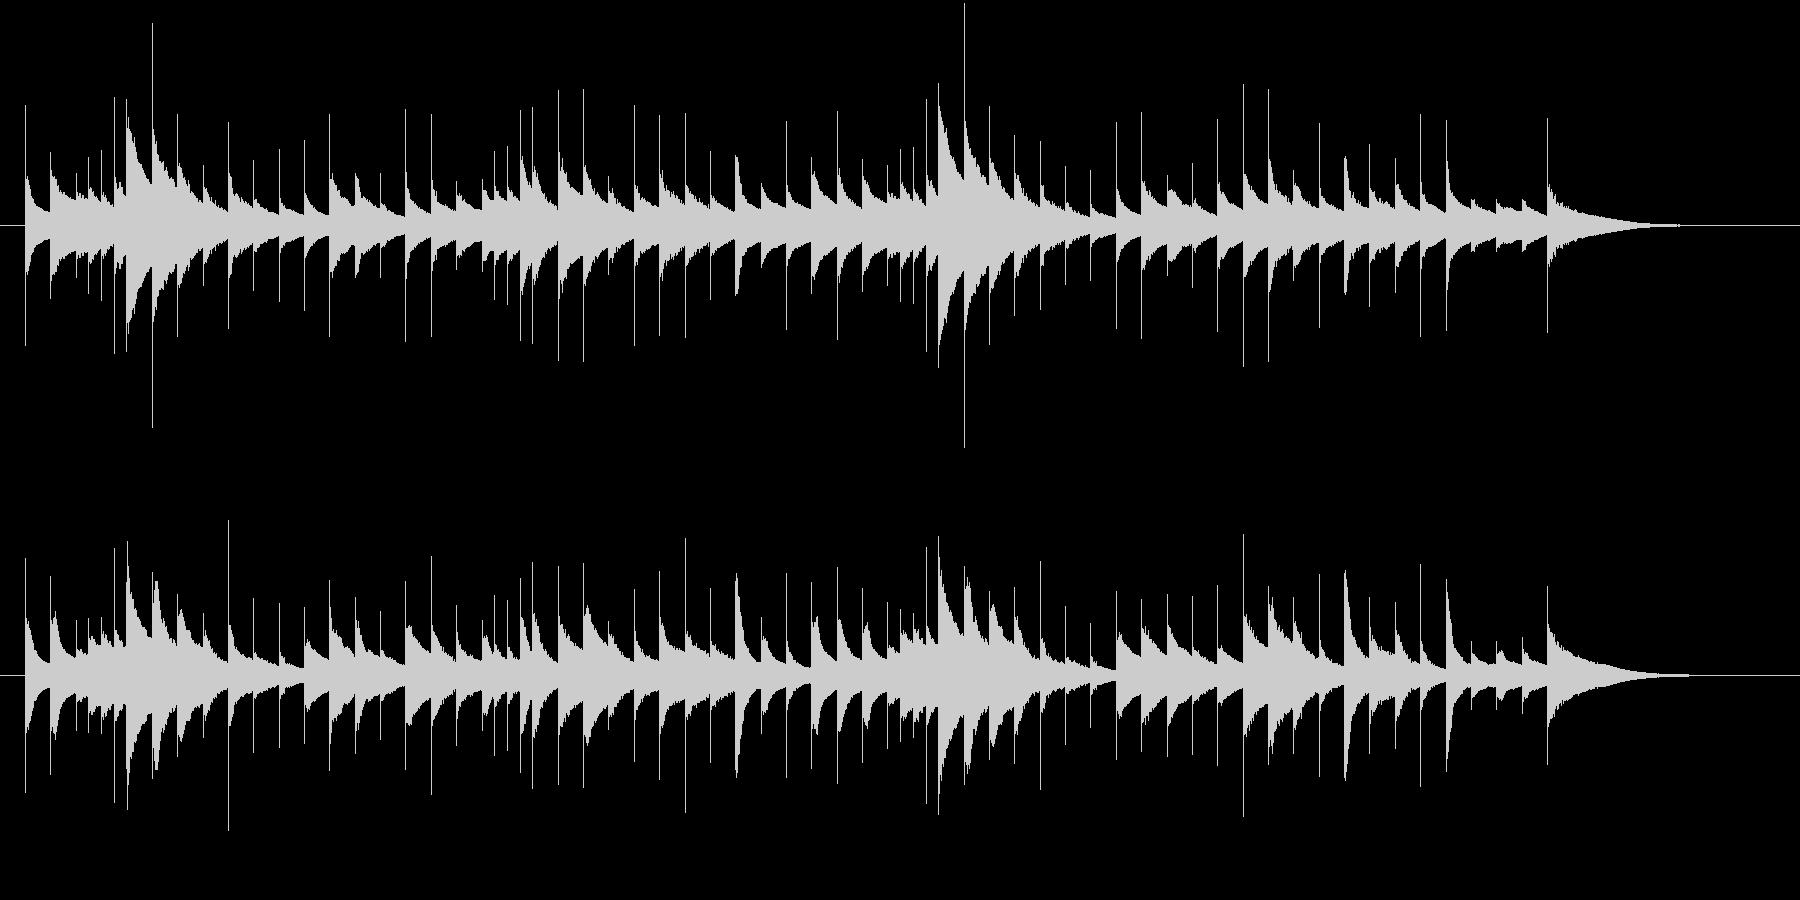 ほのぼのした雰囲気のオルゴールの未再生の波形